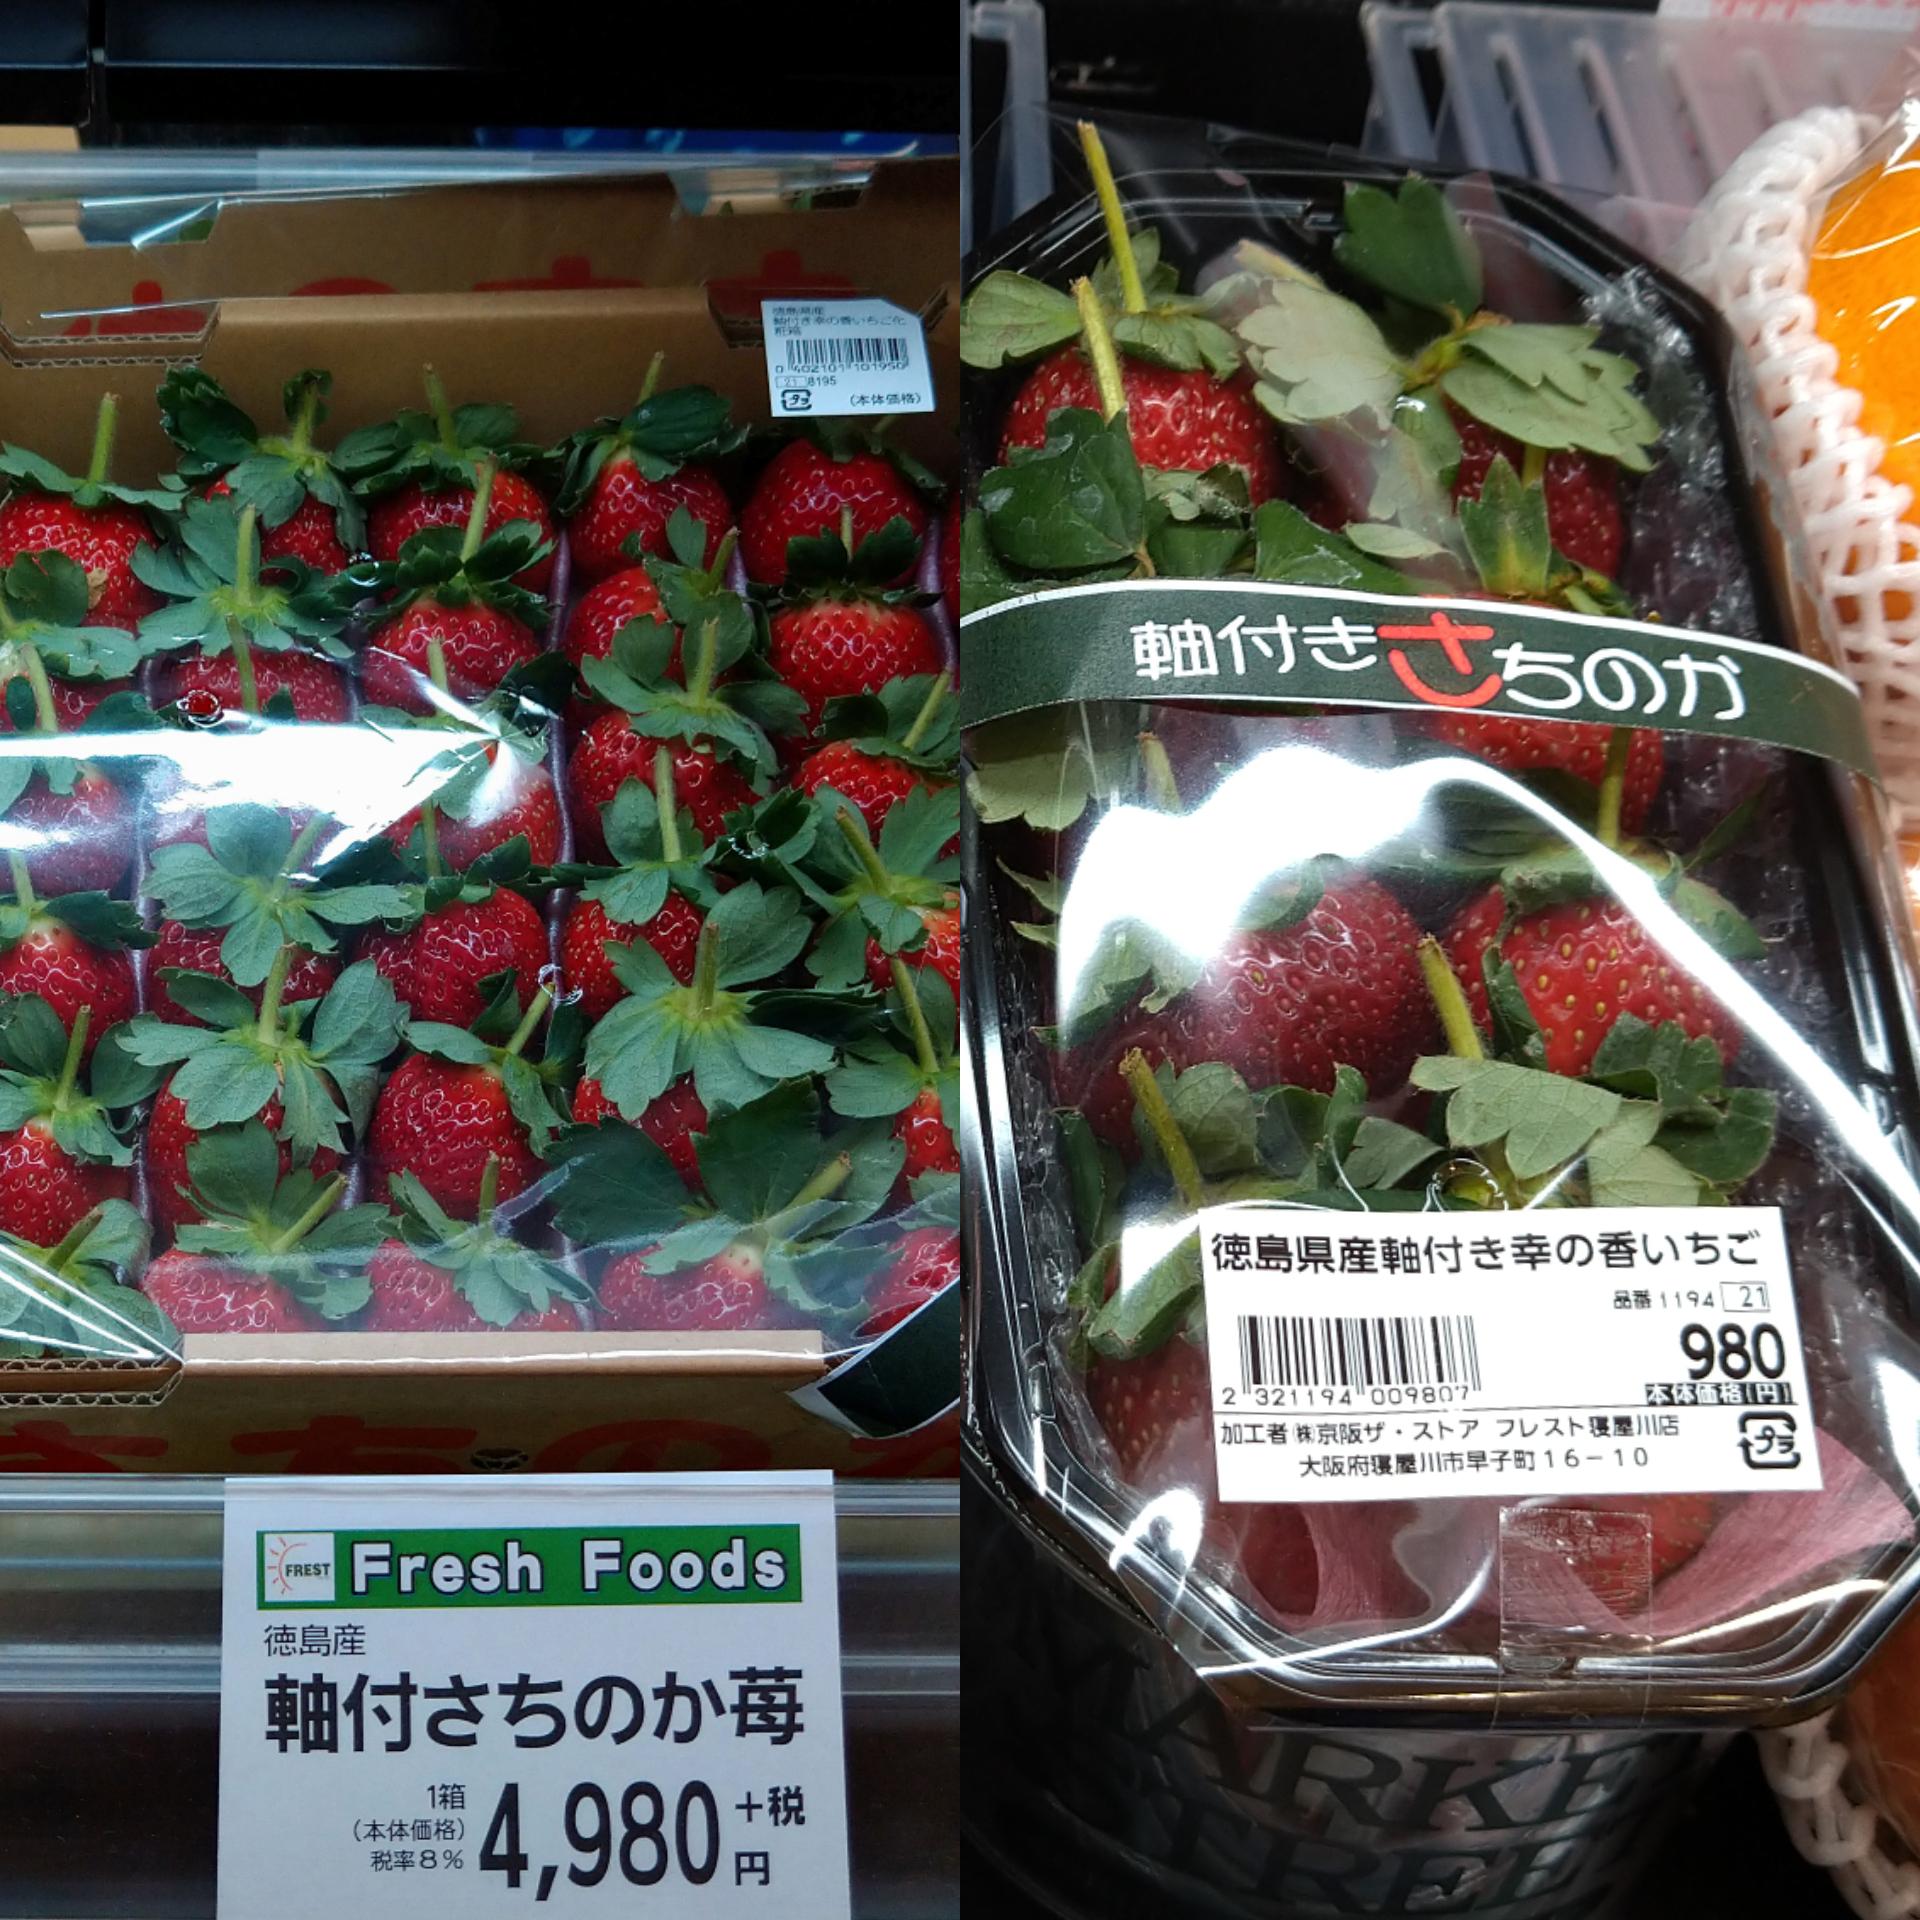 ★フレスト寝屋川店★もうすぐお正月ですね…の画像